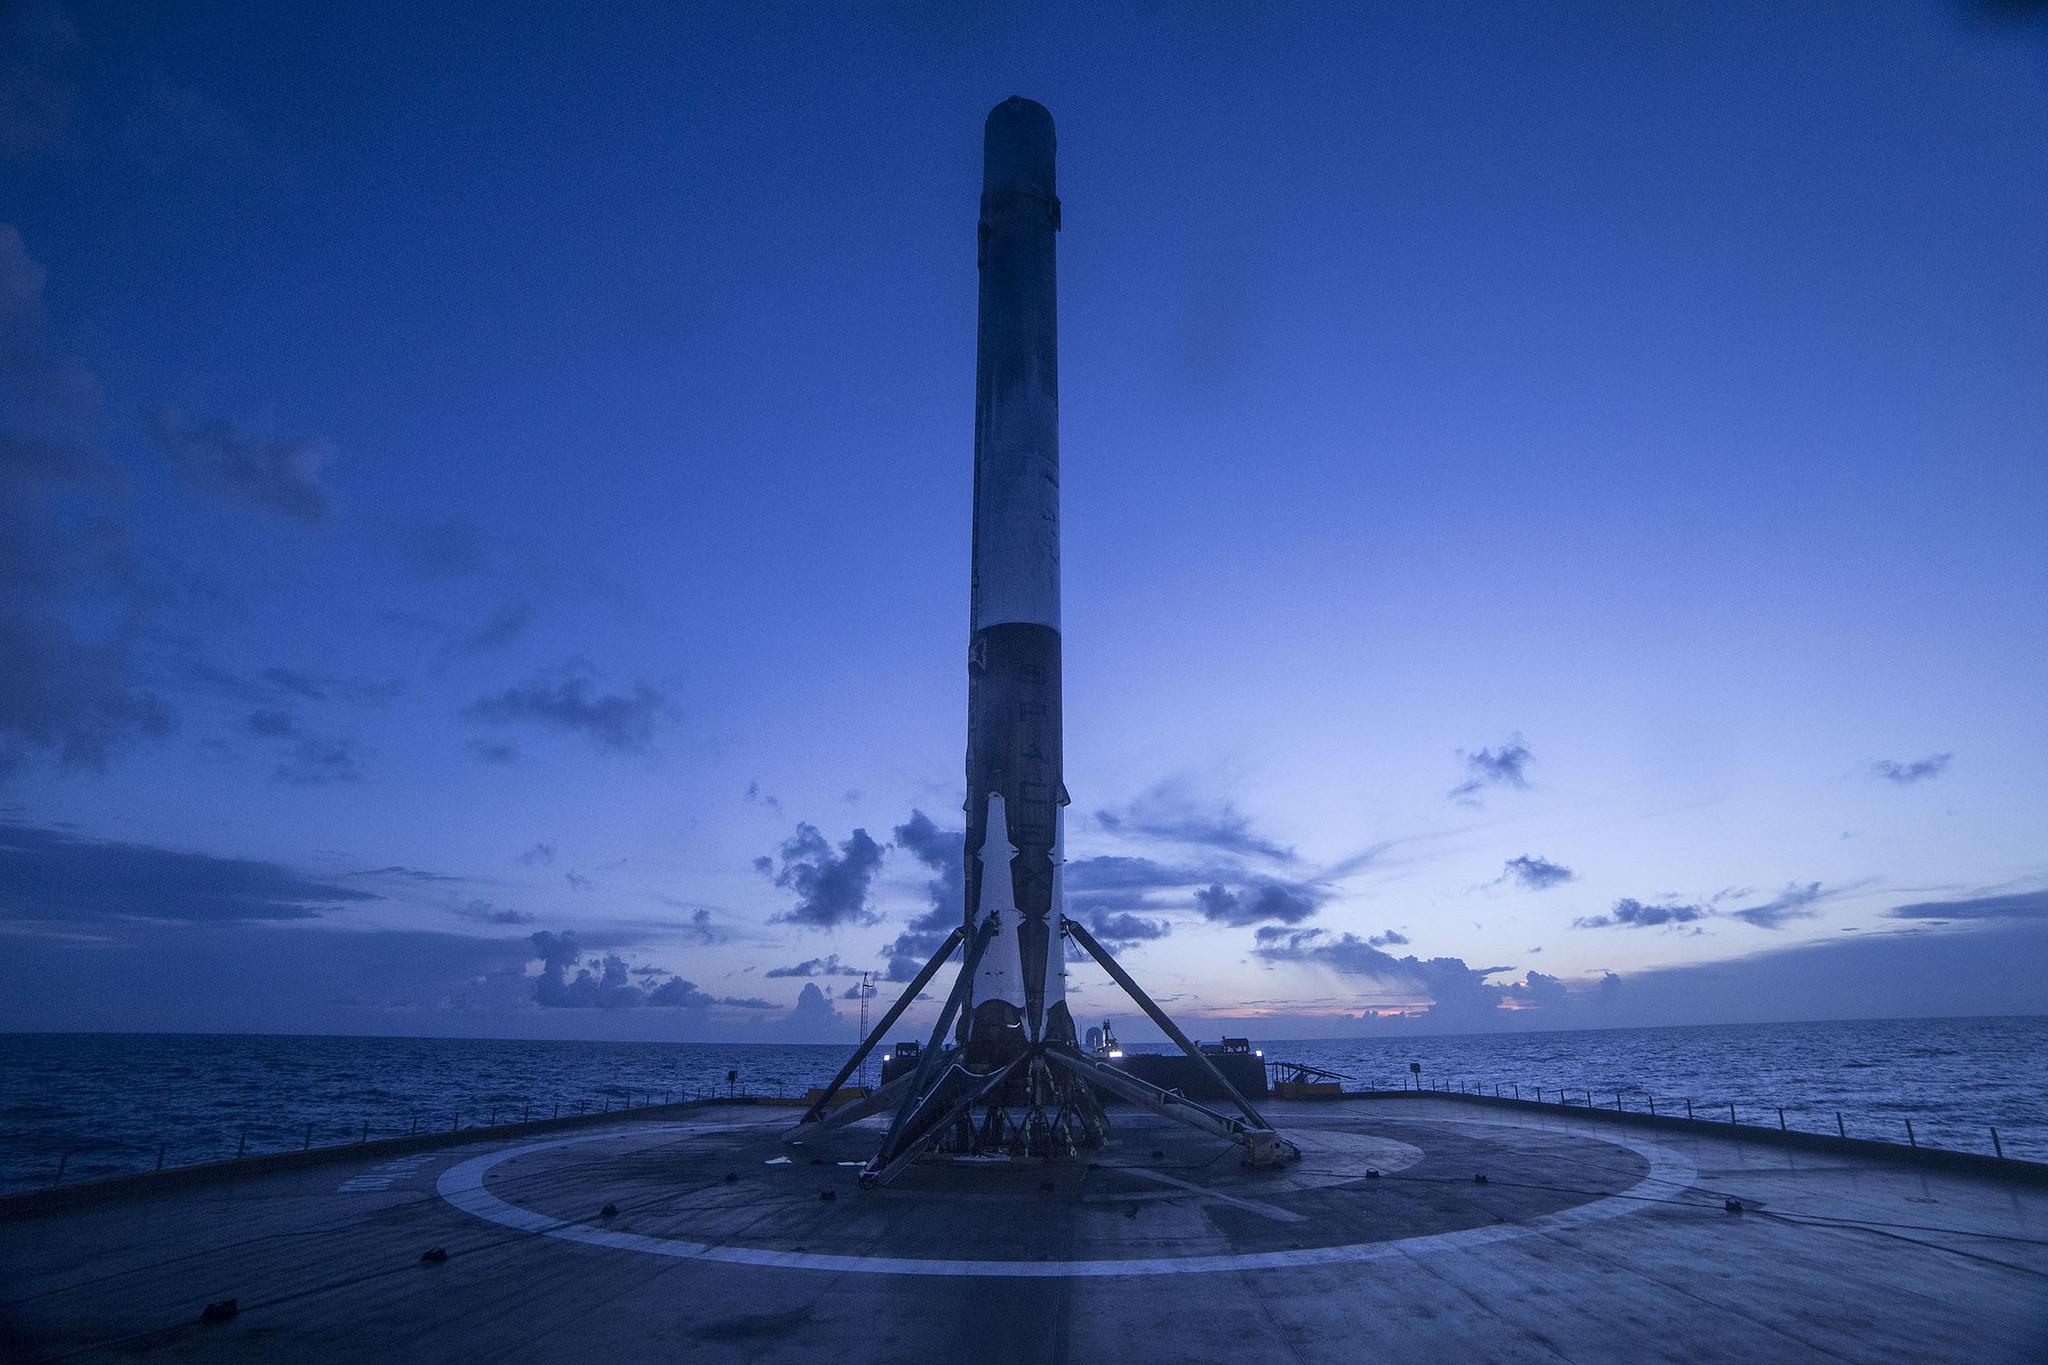 SpaceX logra la hazaña de aterrizar su cohete Falcon 9 en una plataforma flotante ubicada en el Océano Atlántico